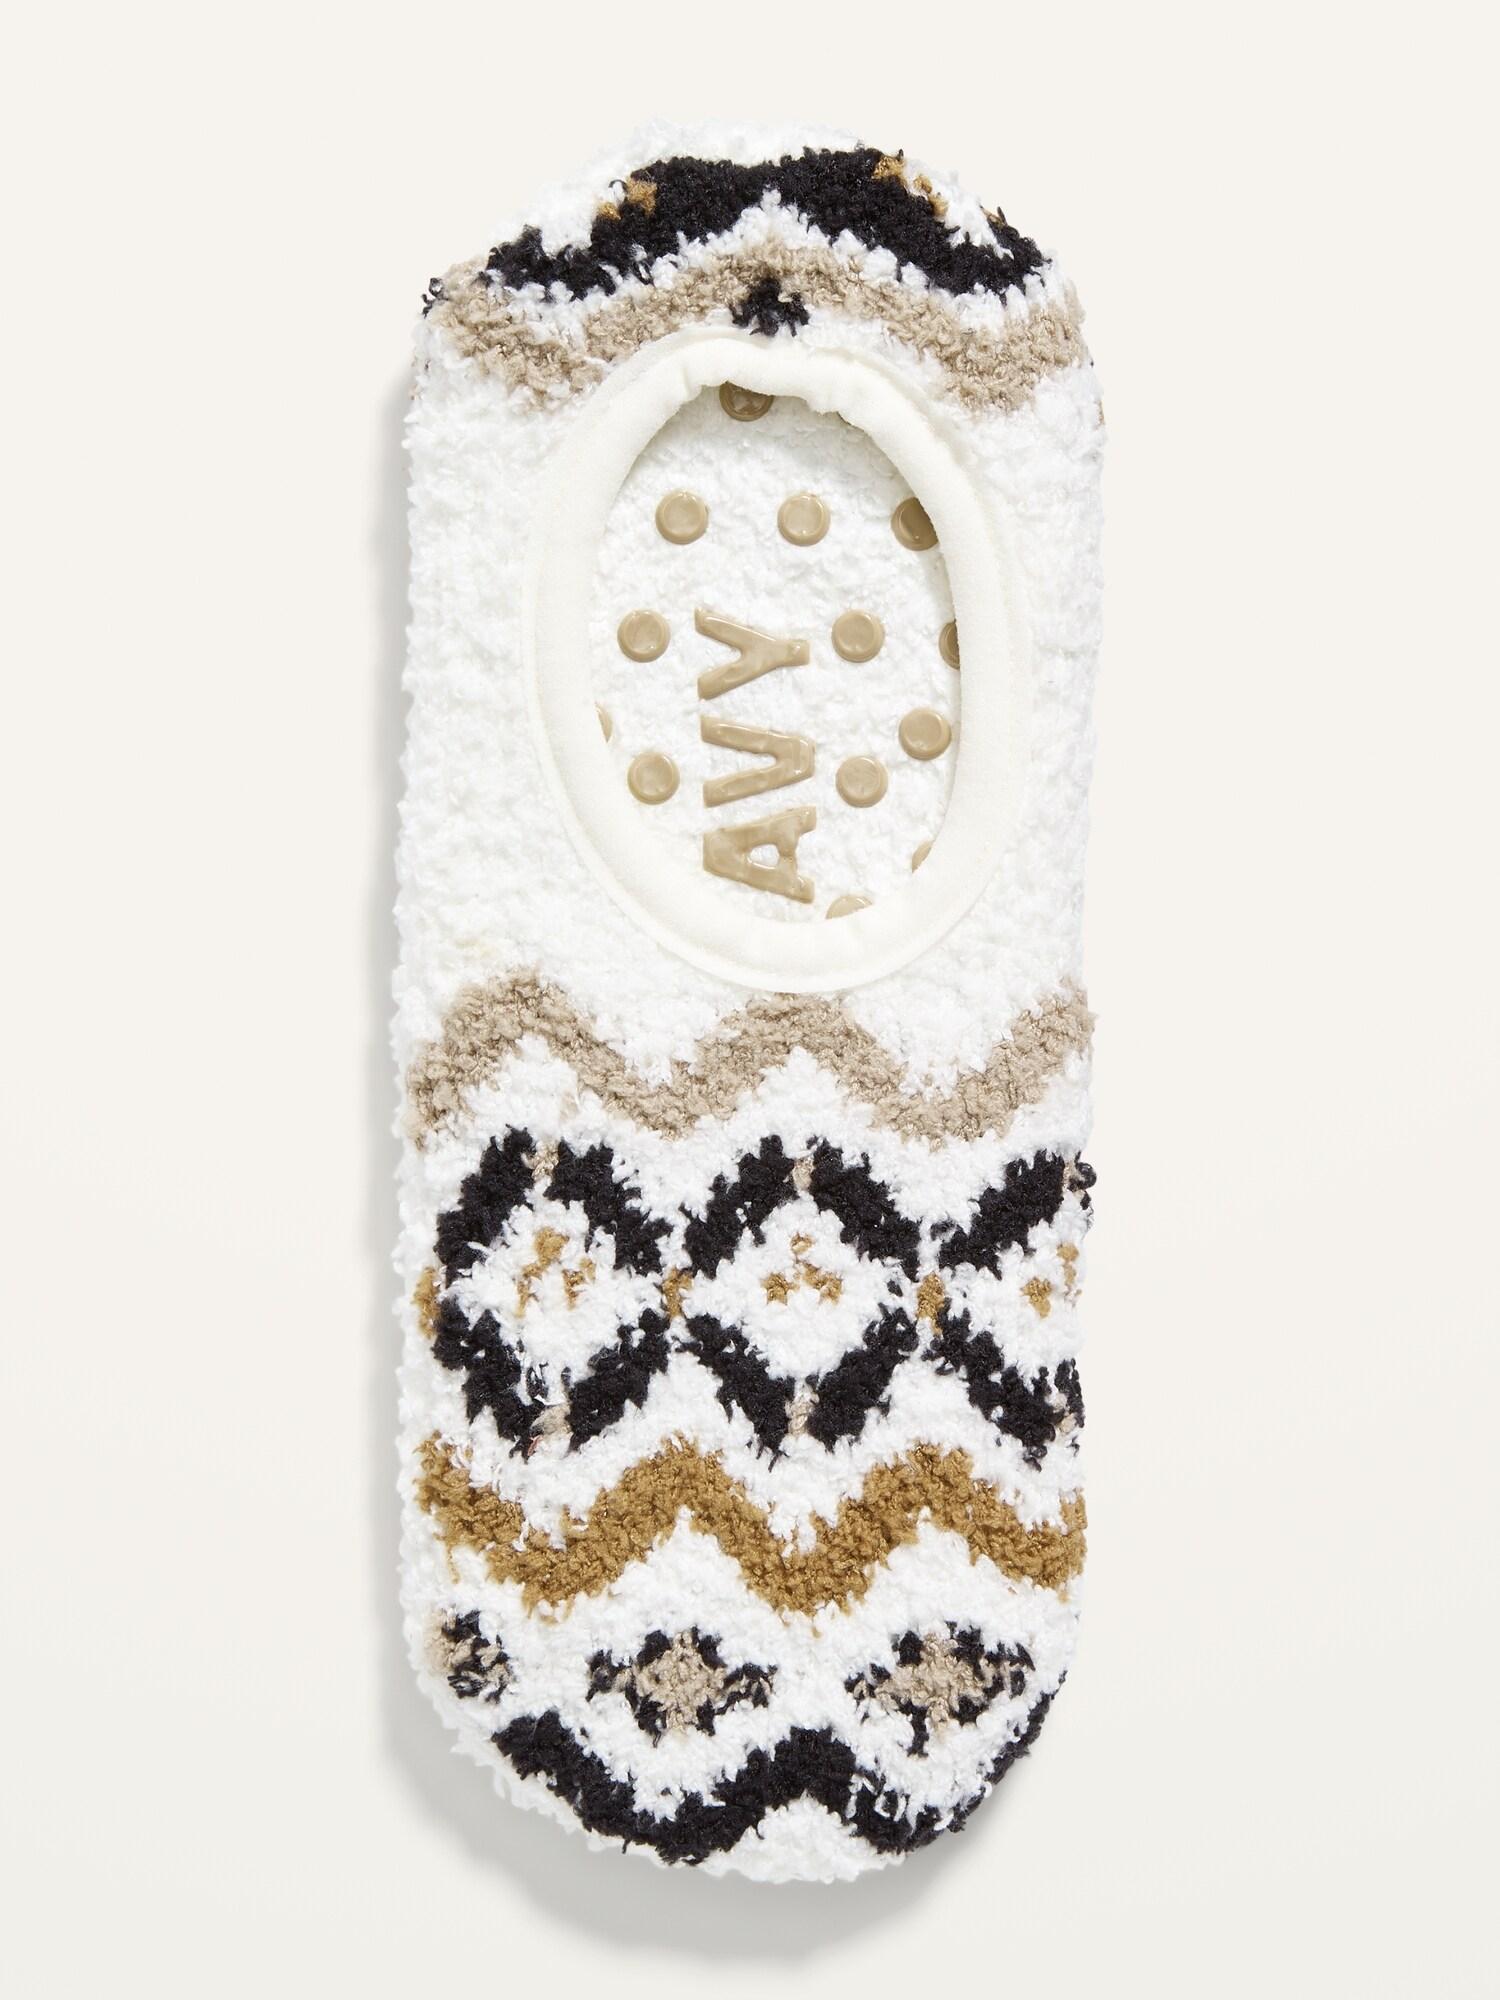 gap - Cozy Gripper Sneaker Socks for Women